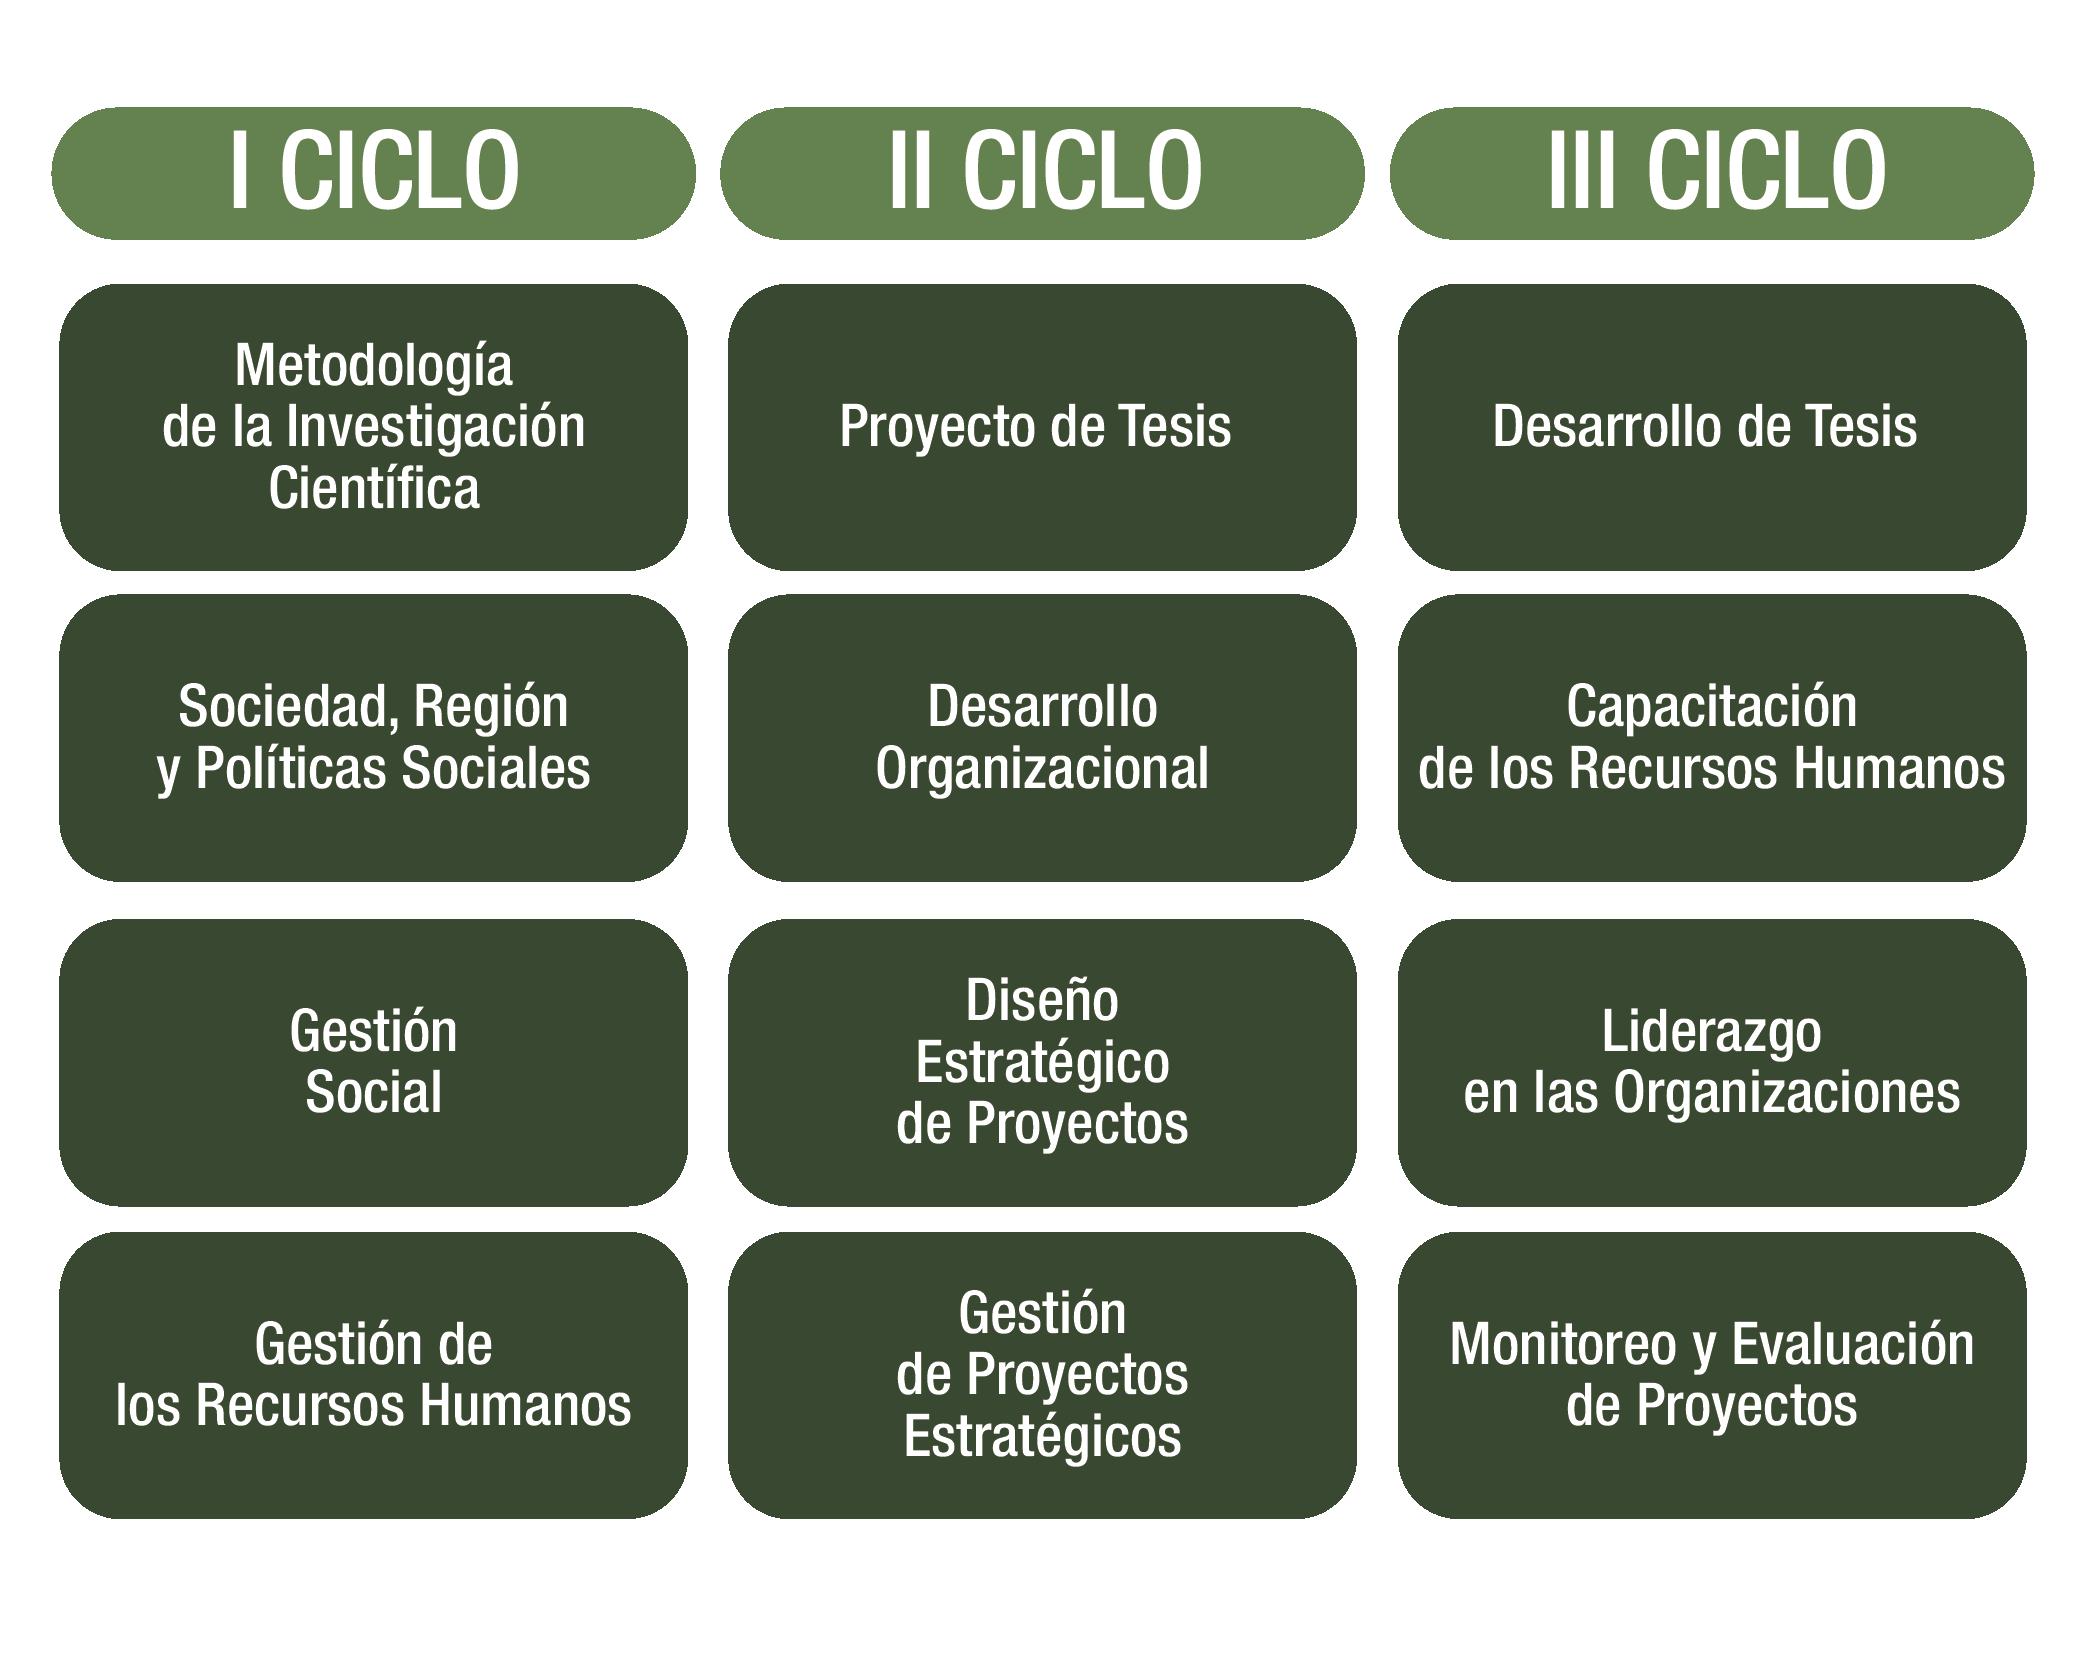 gerencia-social-y-recursos-humanos_mesa-de-trabajo-1